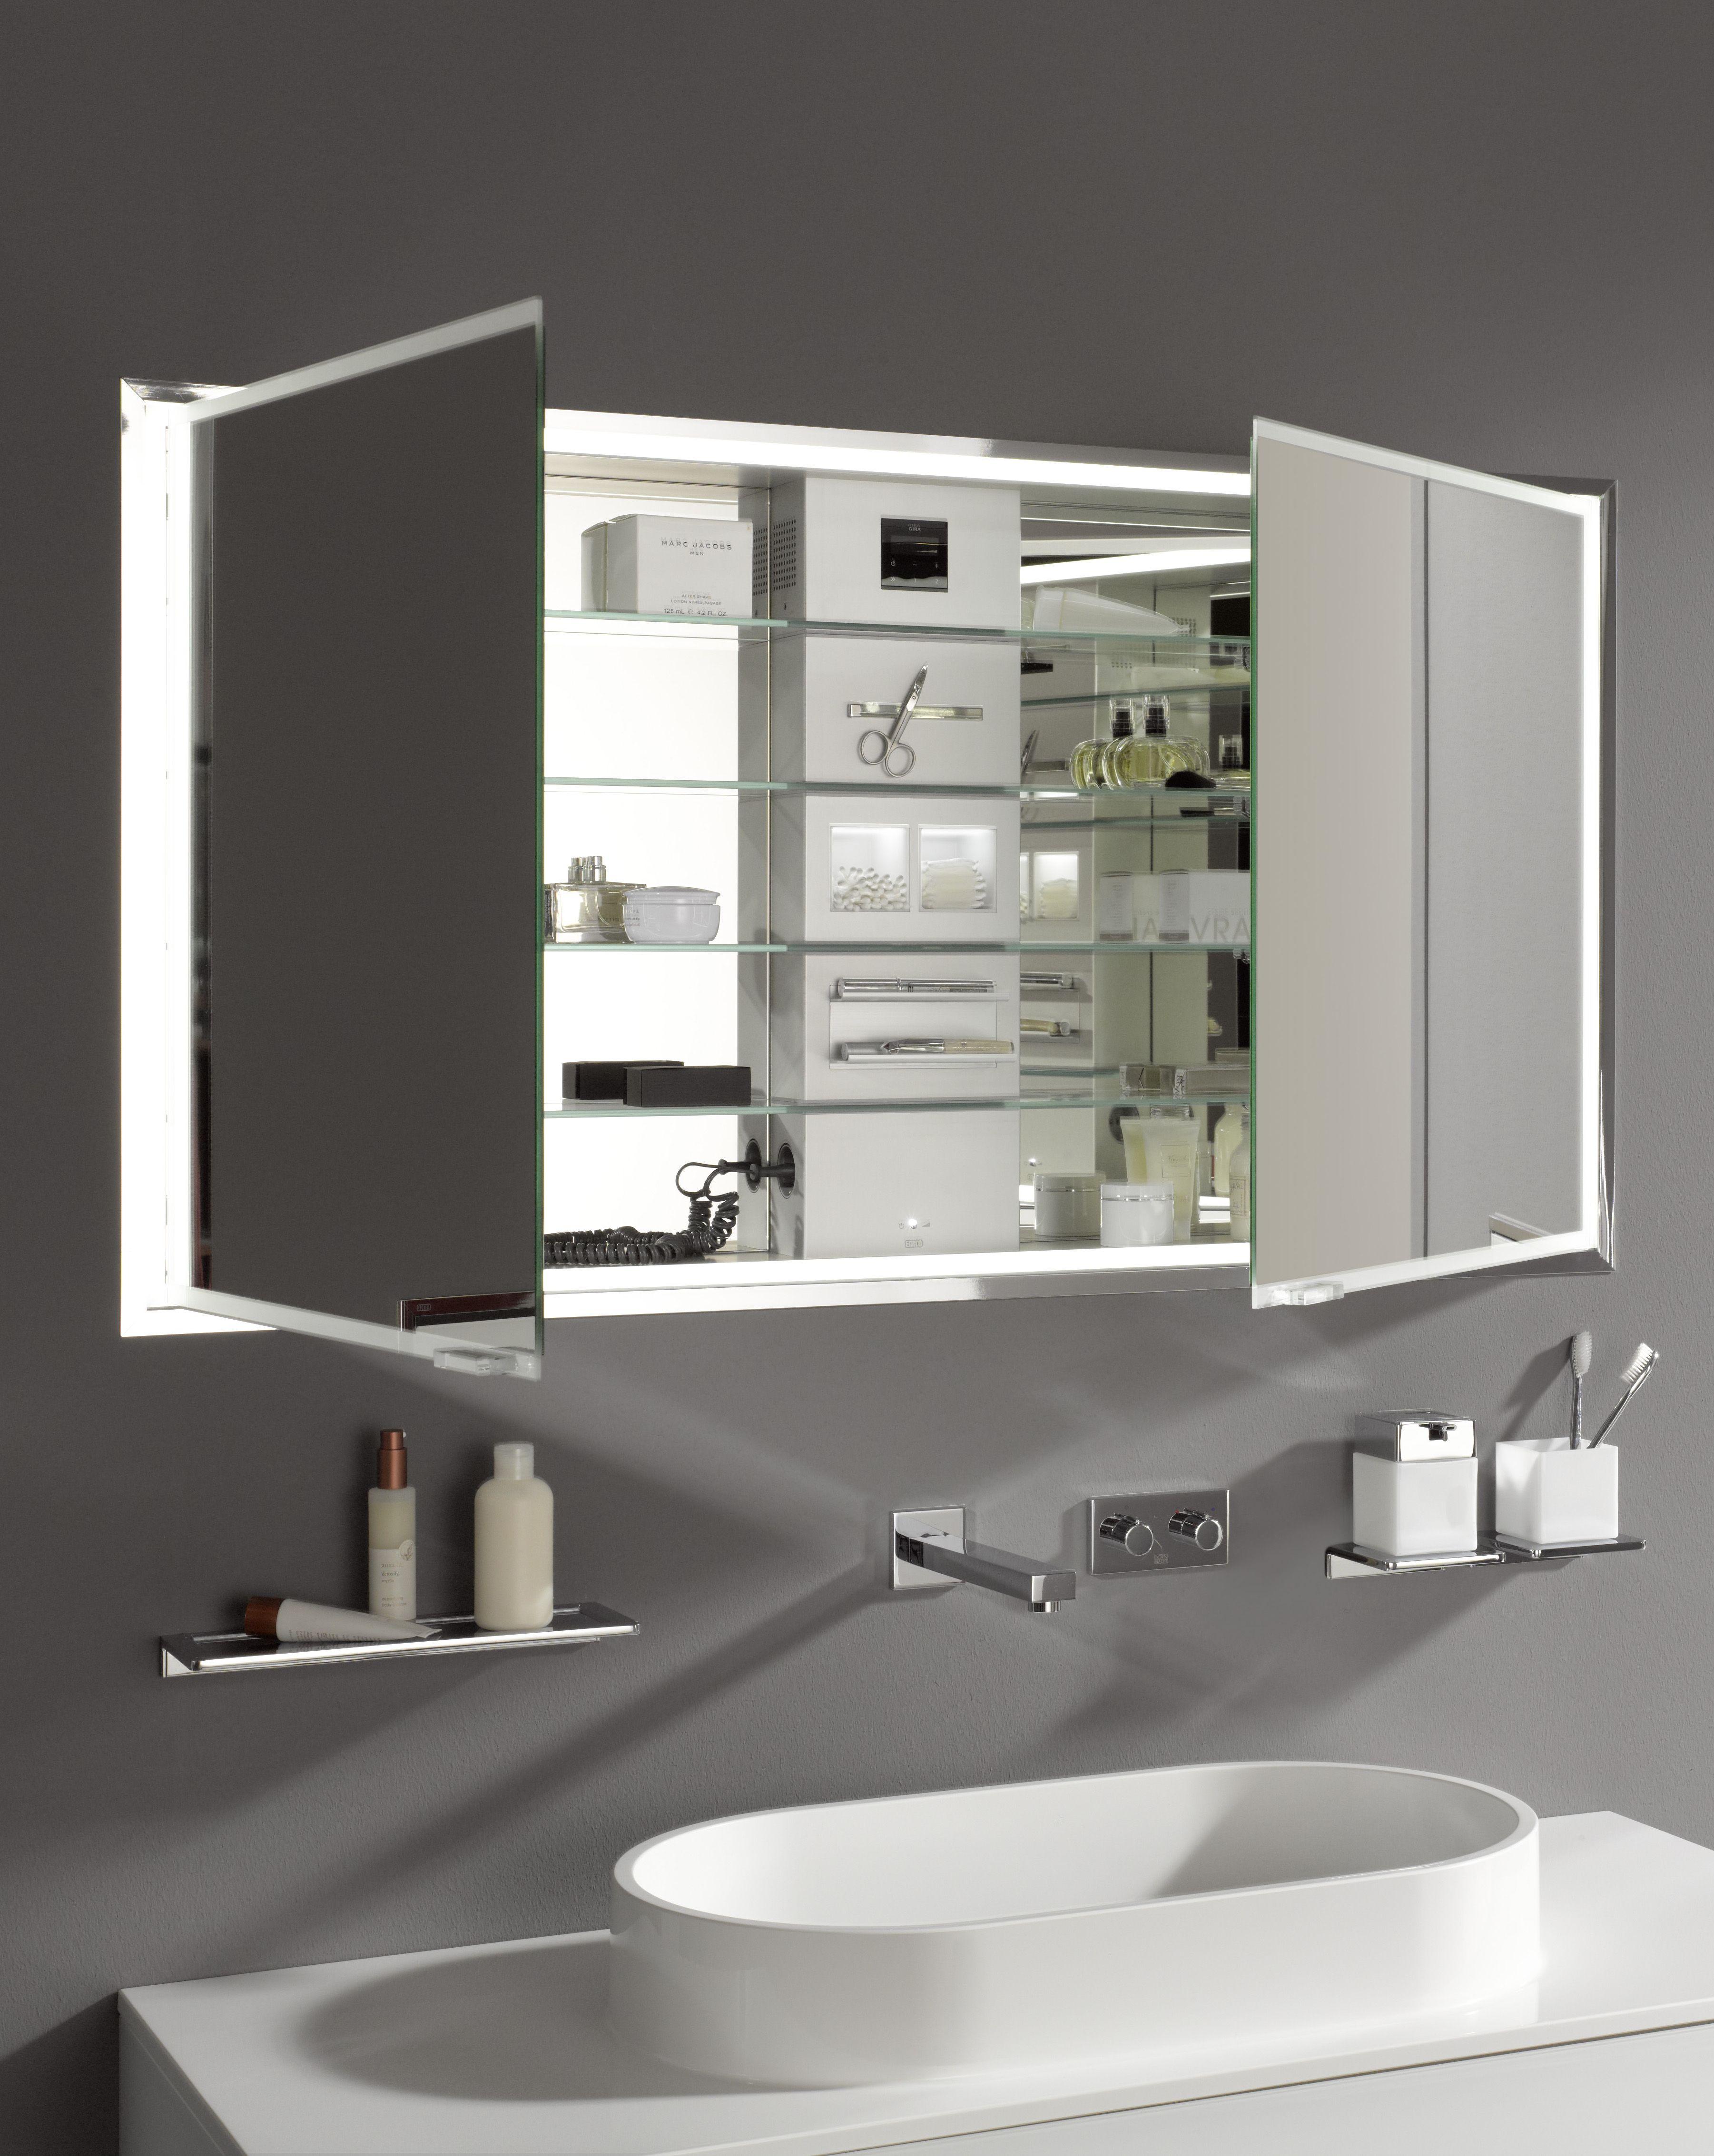 Bad Spiegelschrank Mit Licht Arida 989705252 Badezimmer Spiegelschrank Spiegelschrank Spiegelschranke Furs Bad